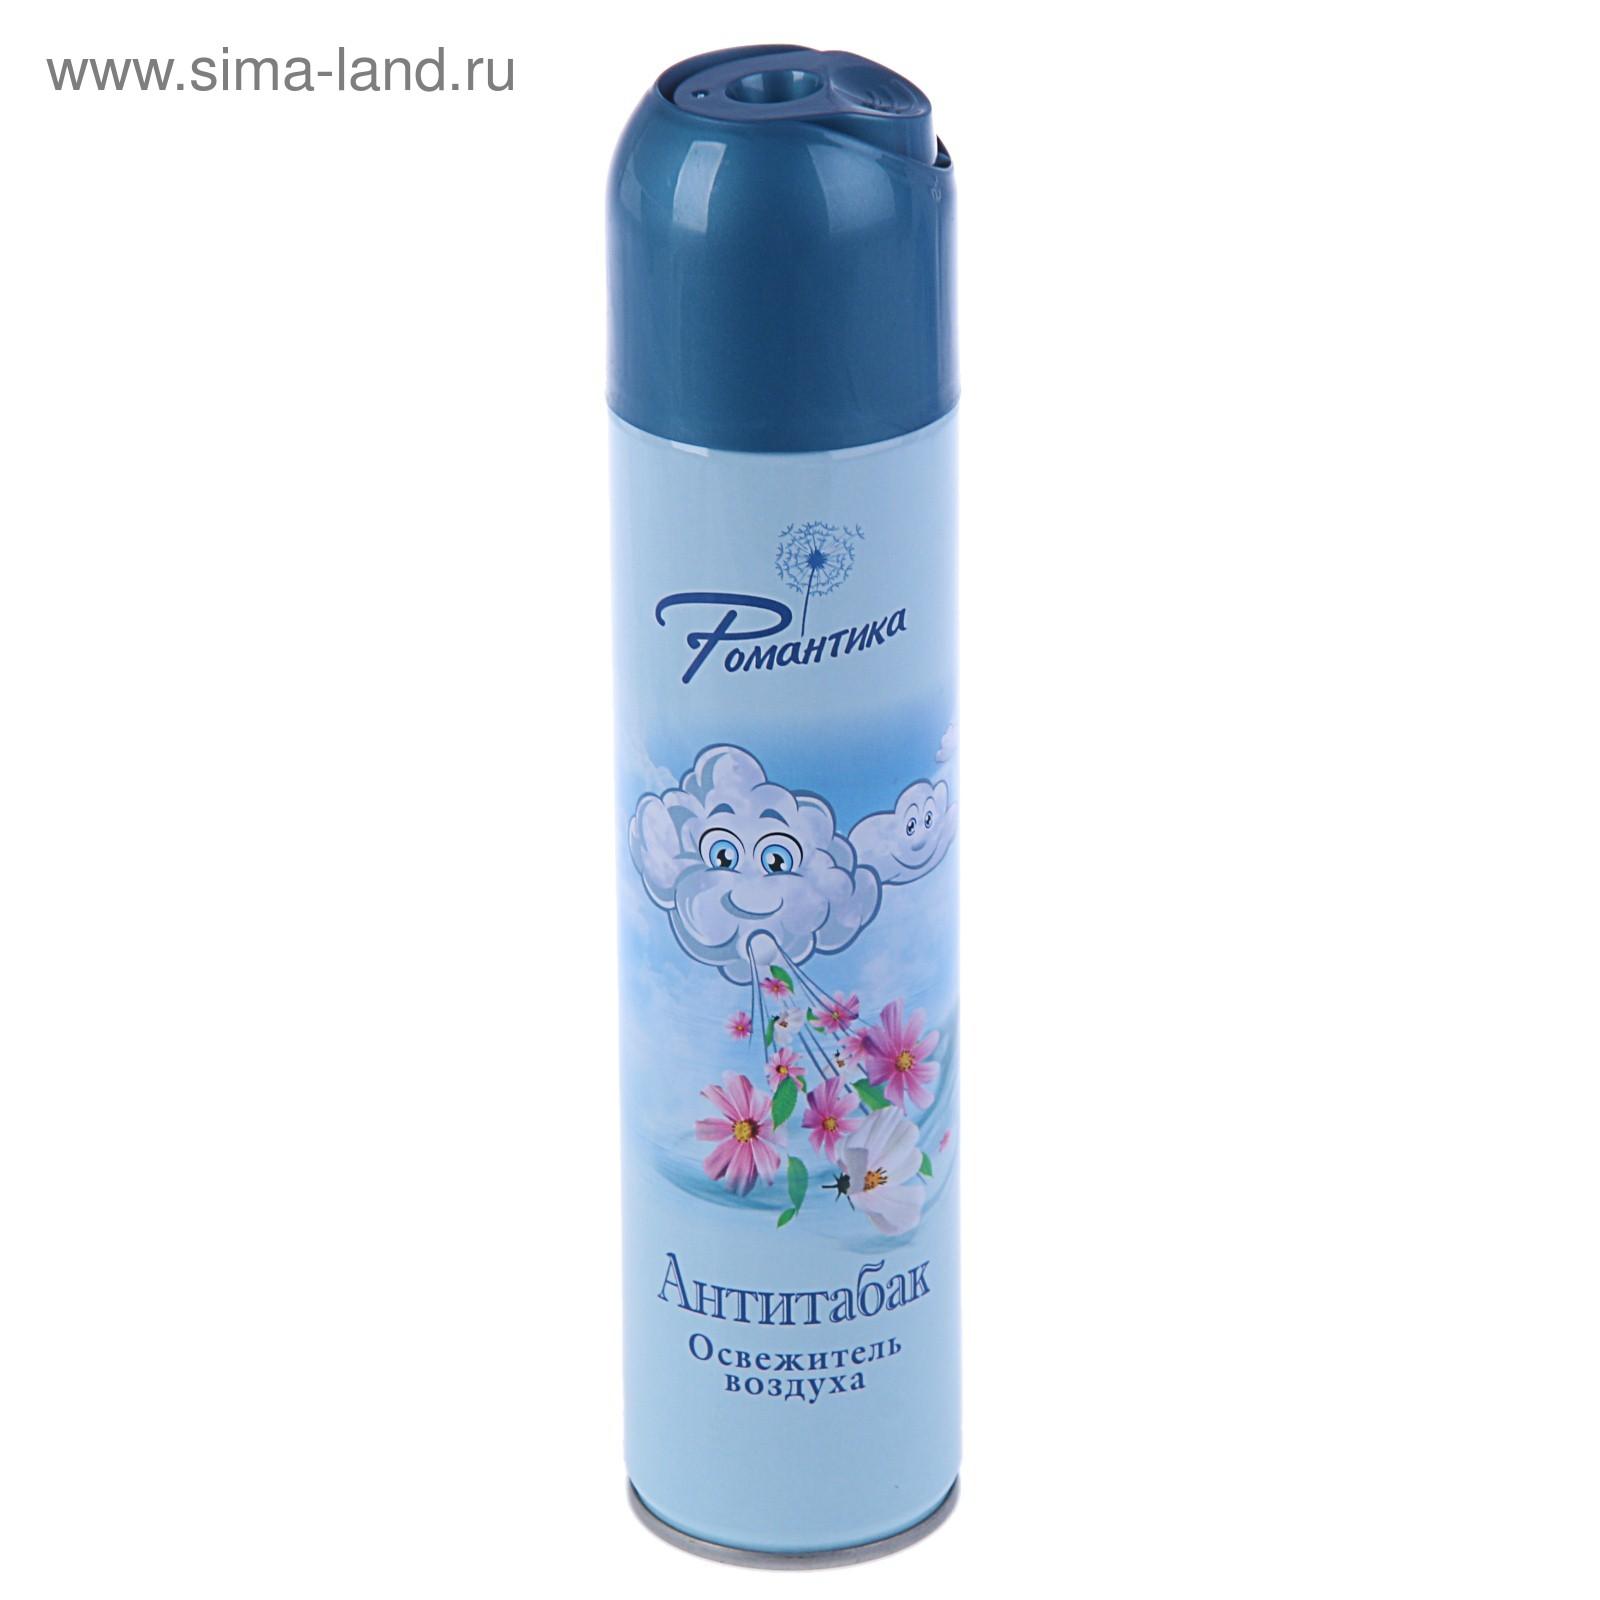 Быт Освежитель воздуха Романтика 300мл  Антитабак 89-0221